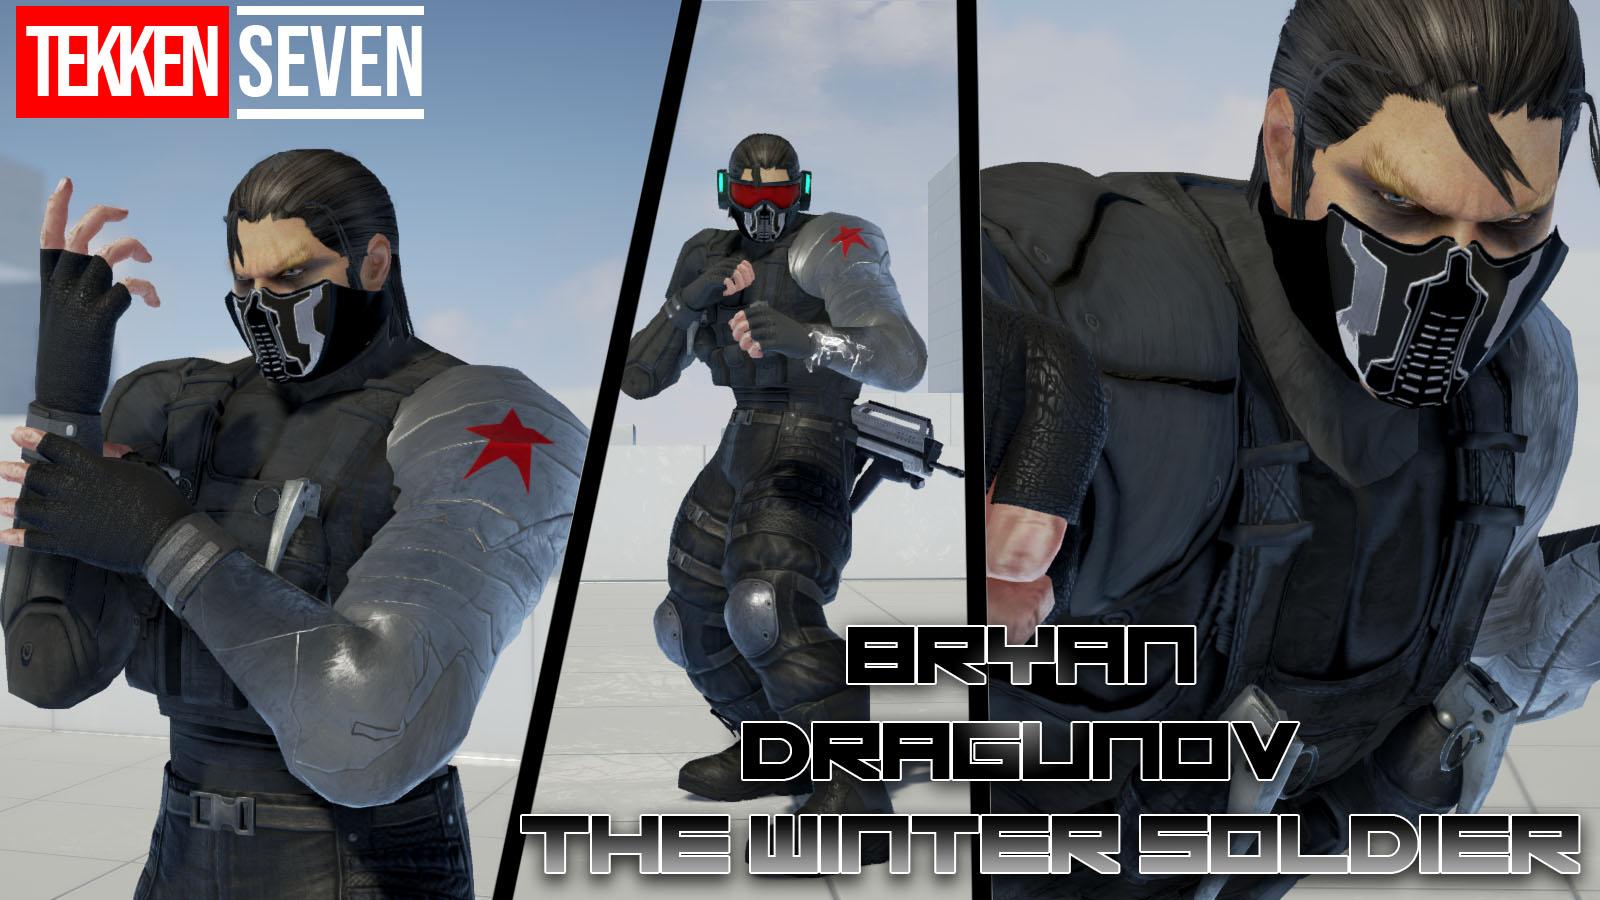 Tekken 7 Bryan And Dragunov Winter Soldier Mod By Thebigbenj On Deviantart